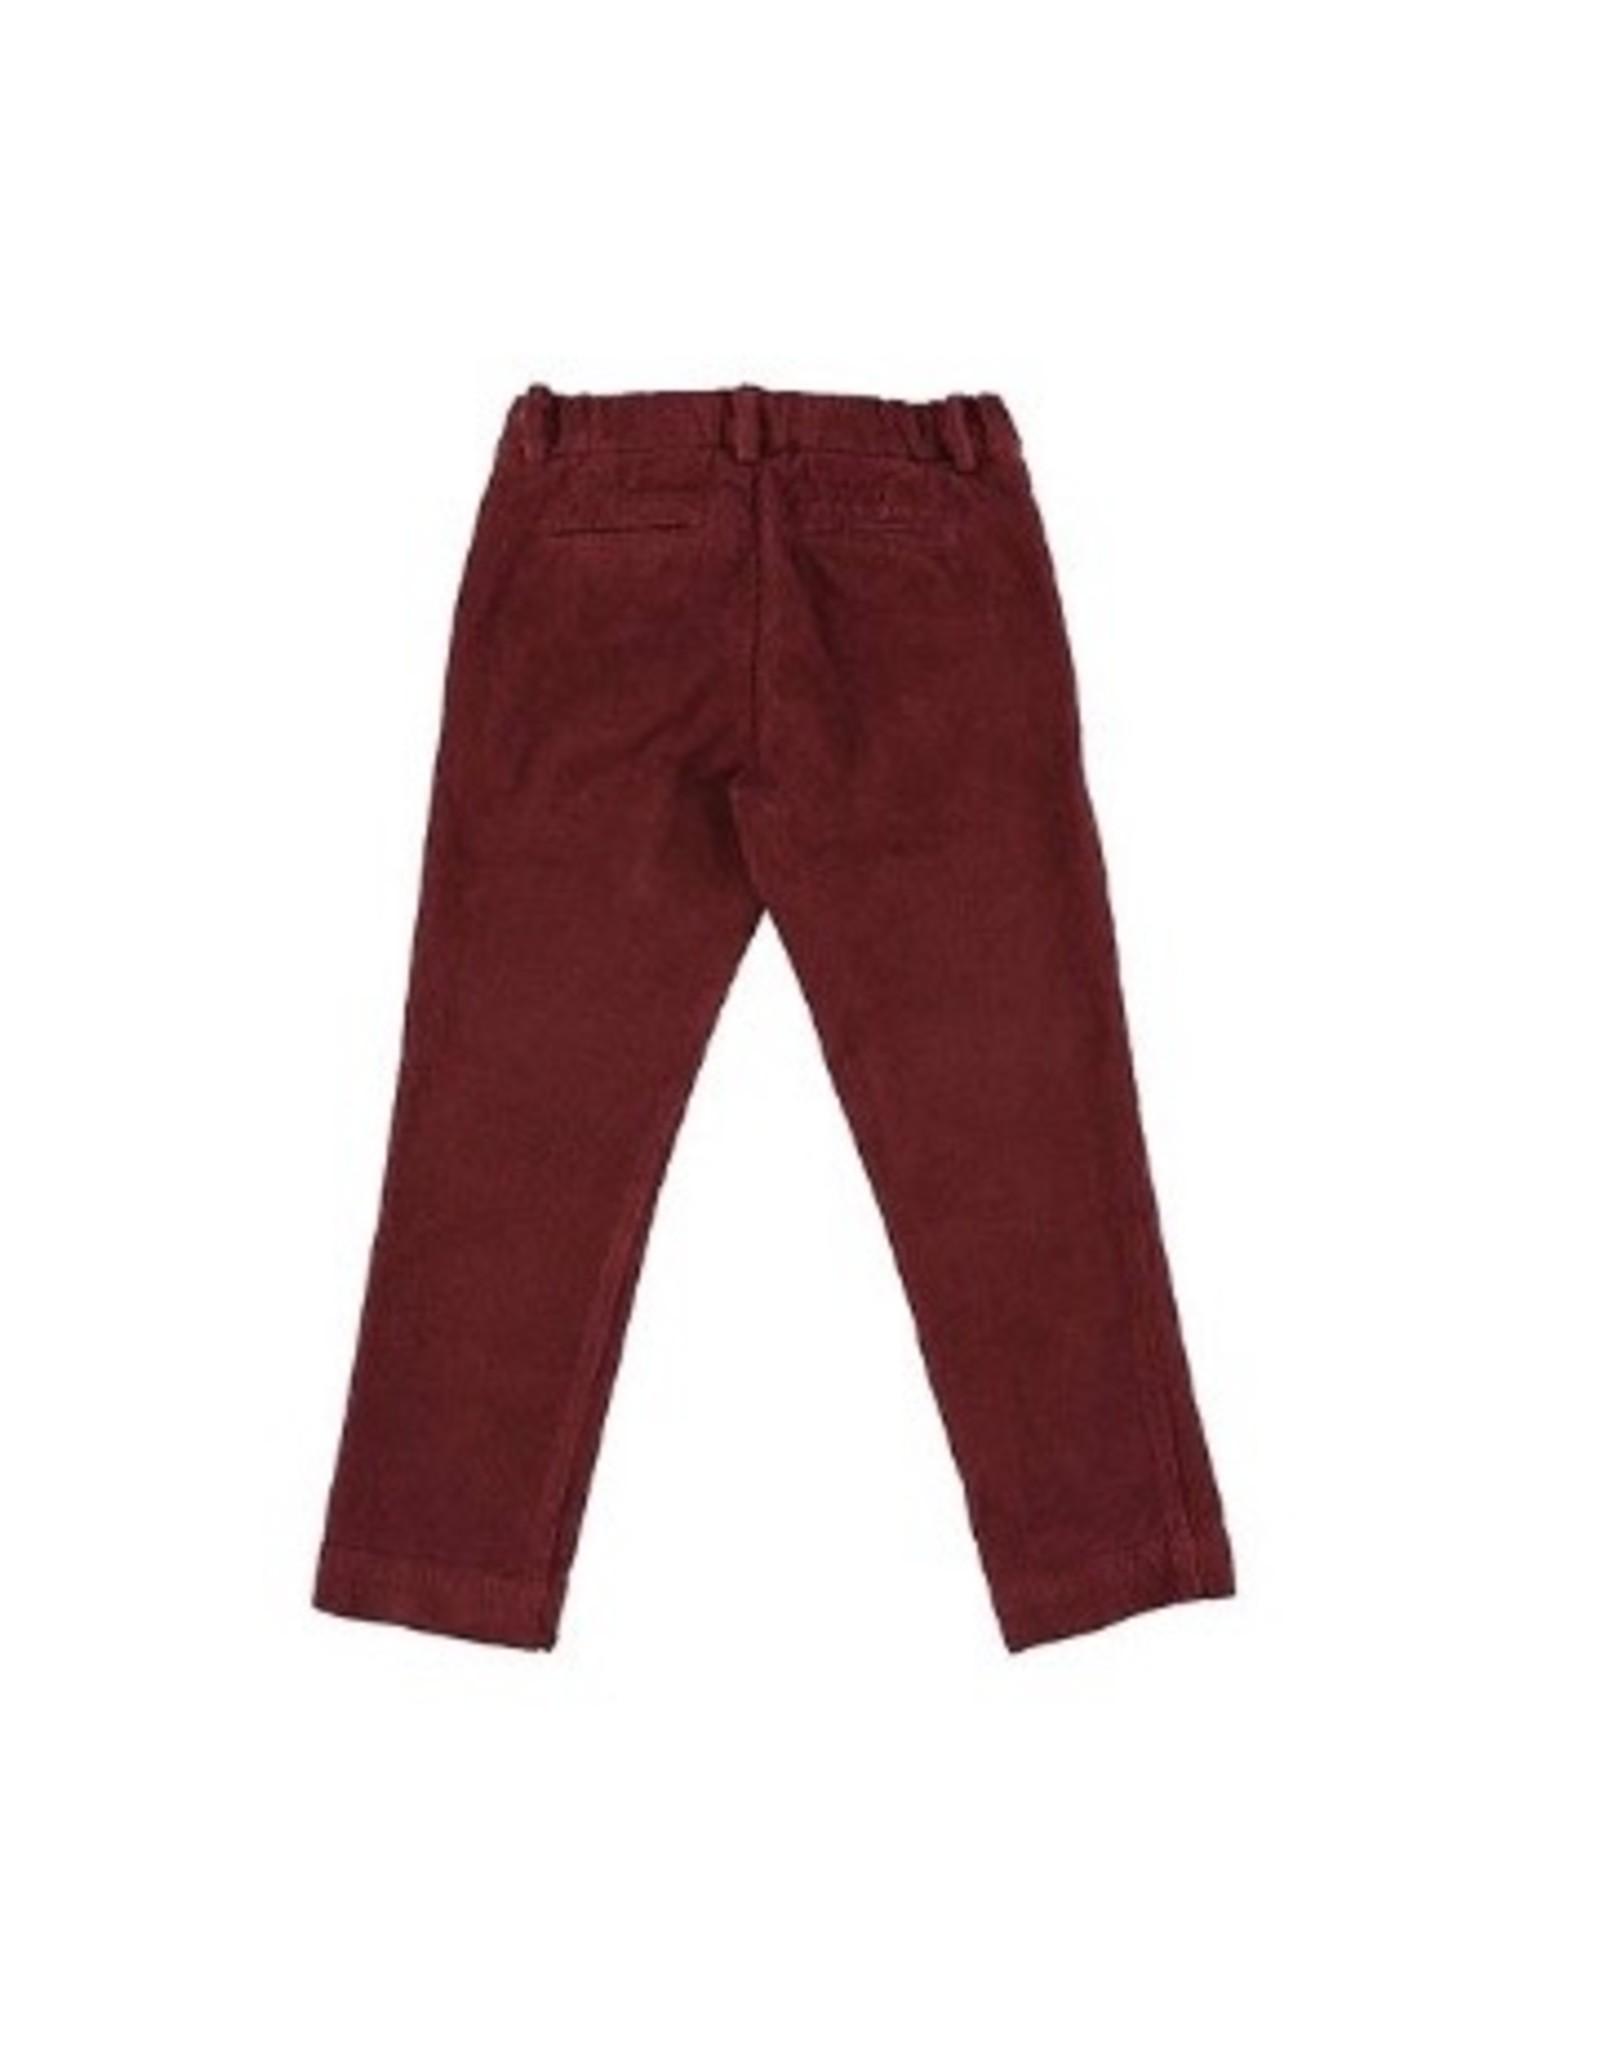 Obius Milleraies Corduroy Trousers